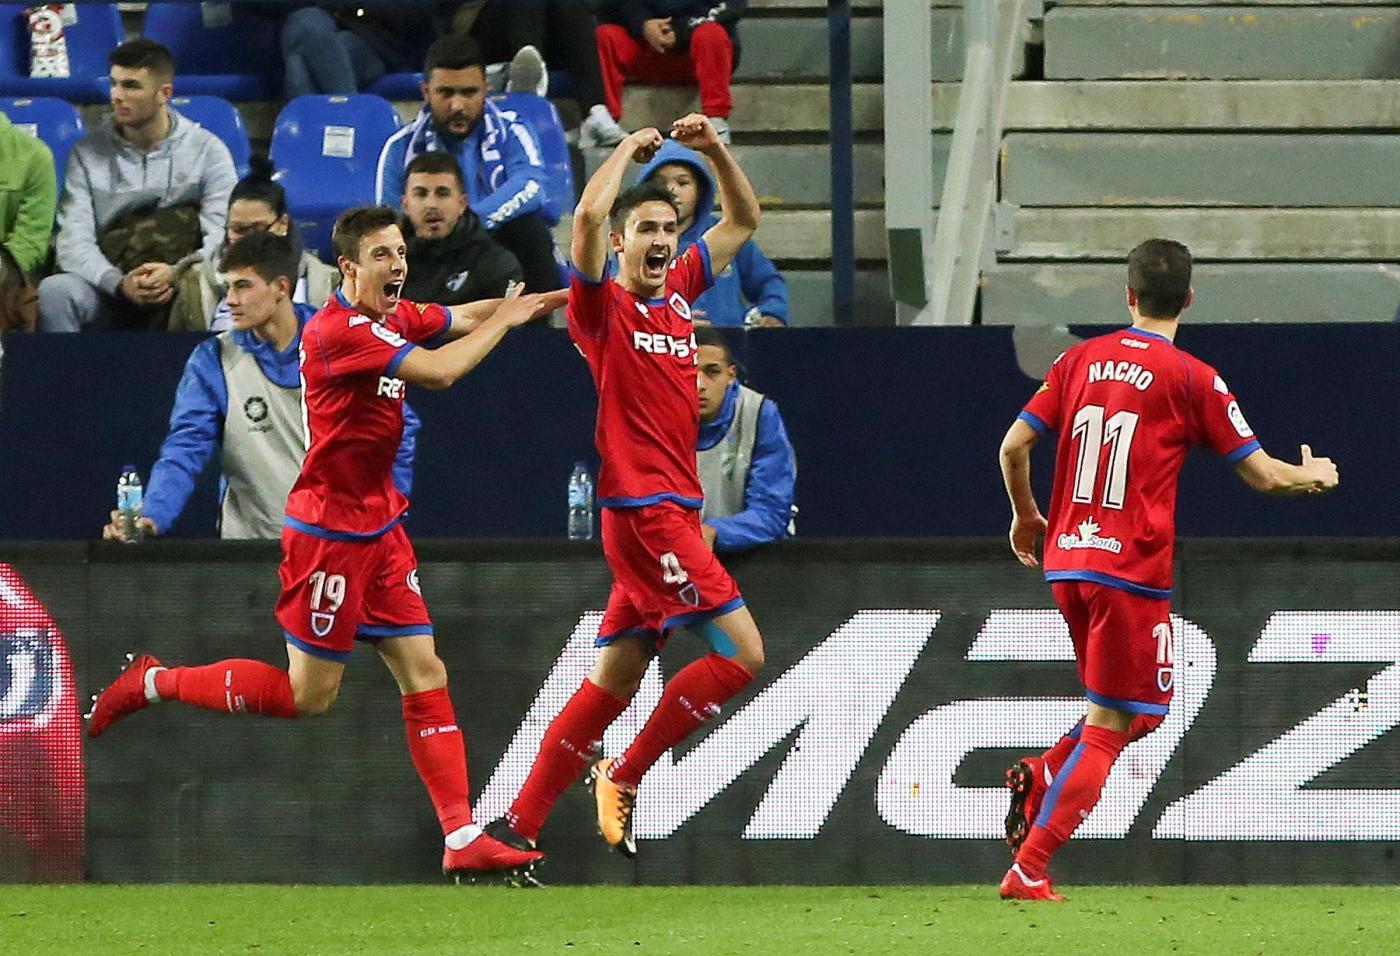 Numancia-Valladolid 13 giugno, analisi e pronostico finale andata playoff LaLiga2